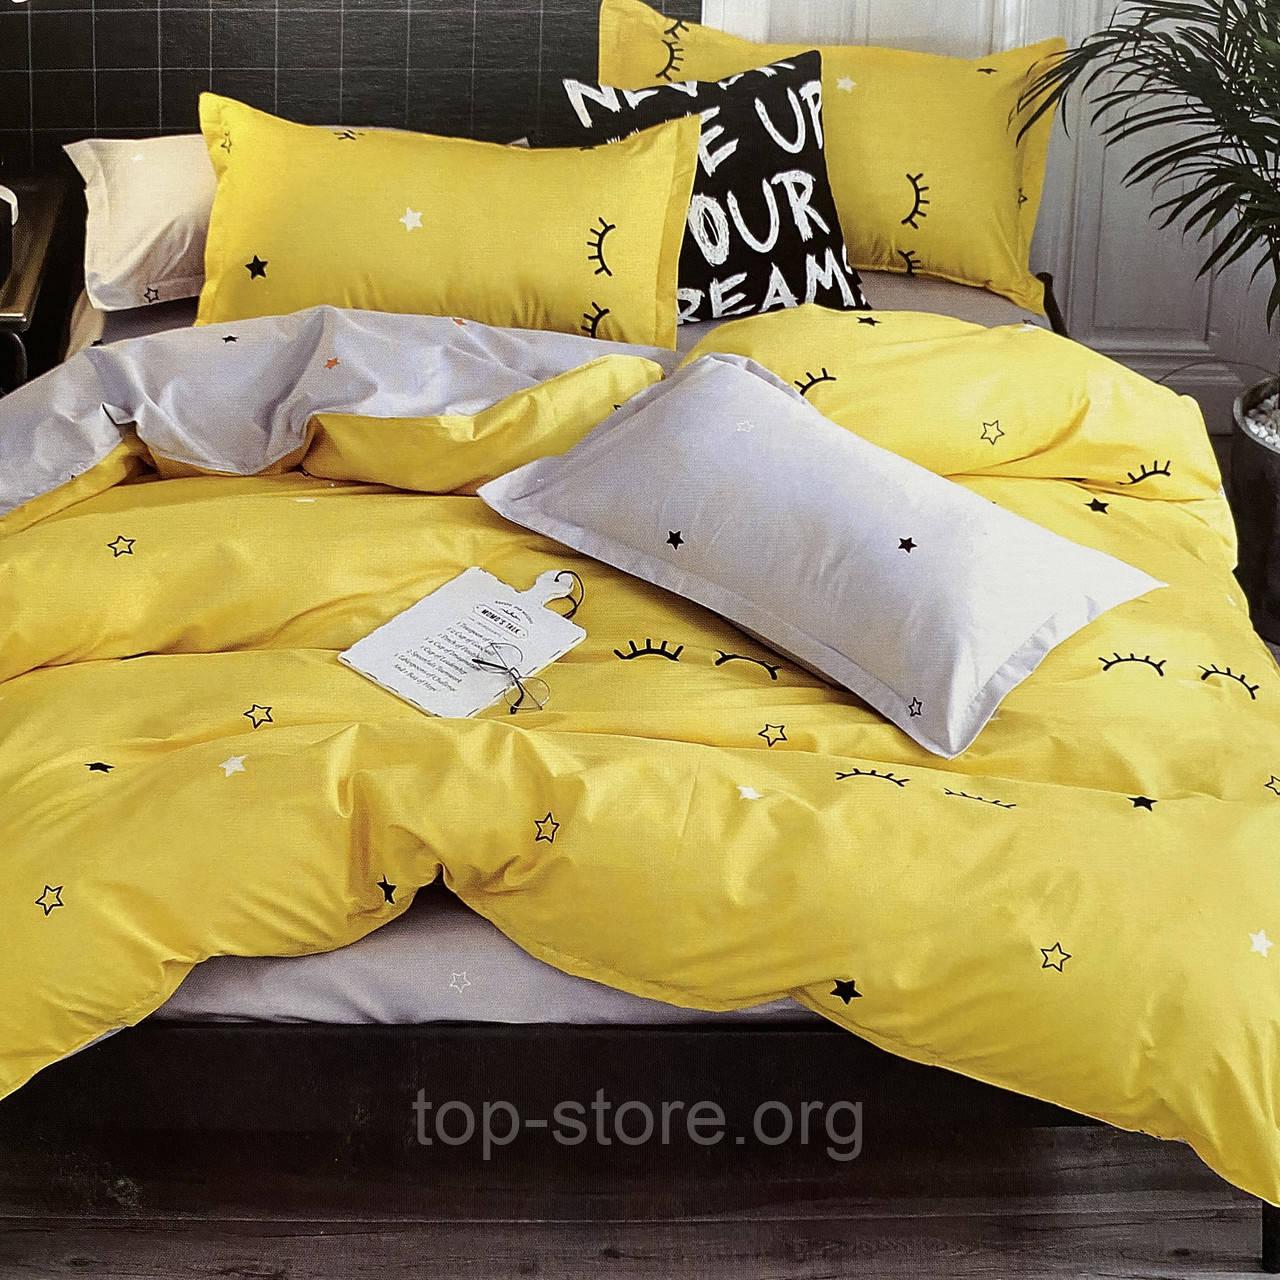 Постельное белье | Комплект постельного белья ( простыня на резинке) Двуспальный размер. Постільна білизна